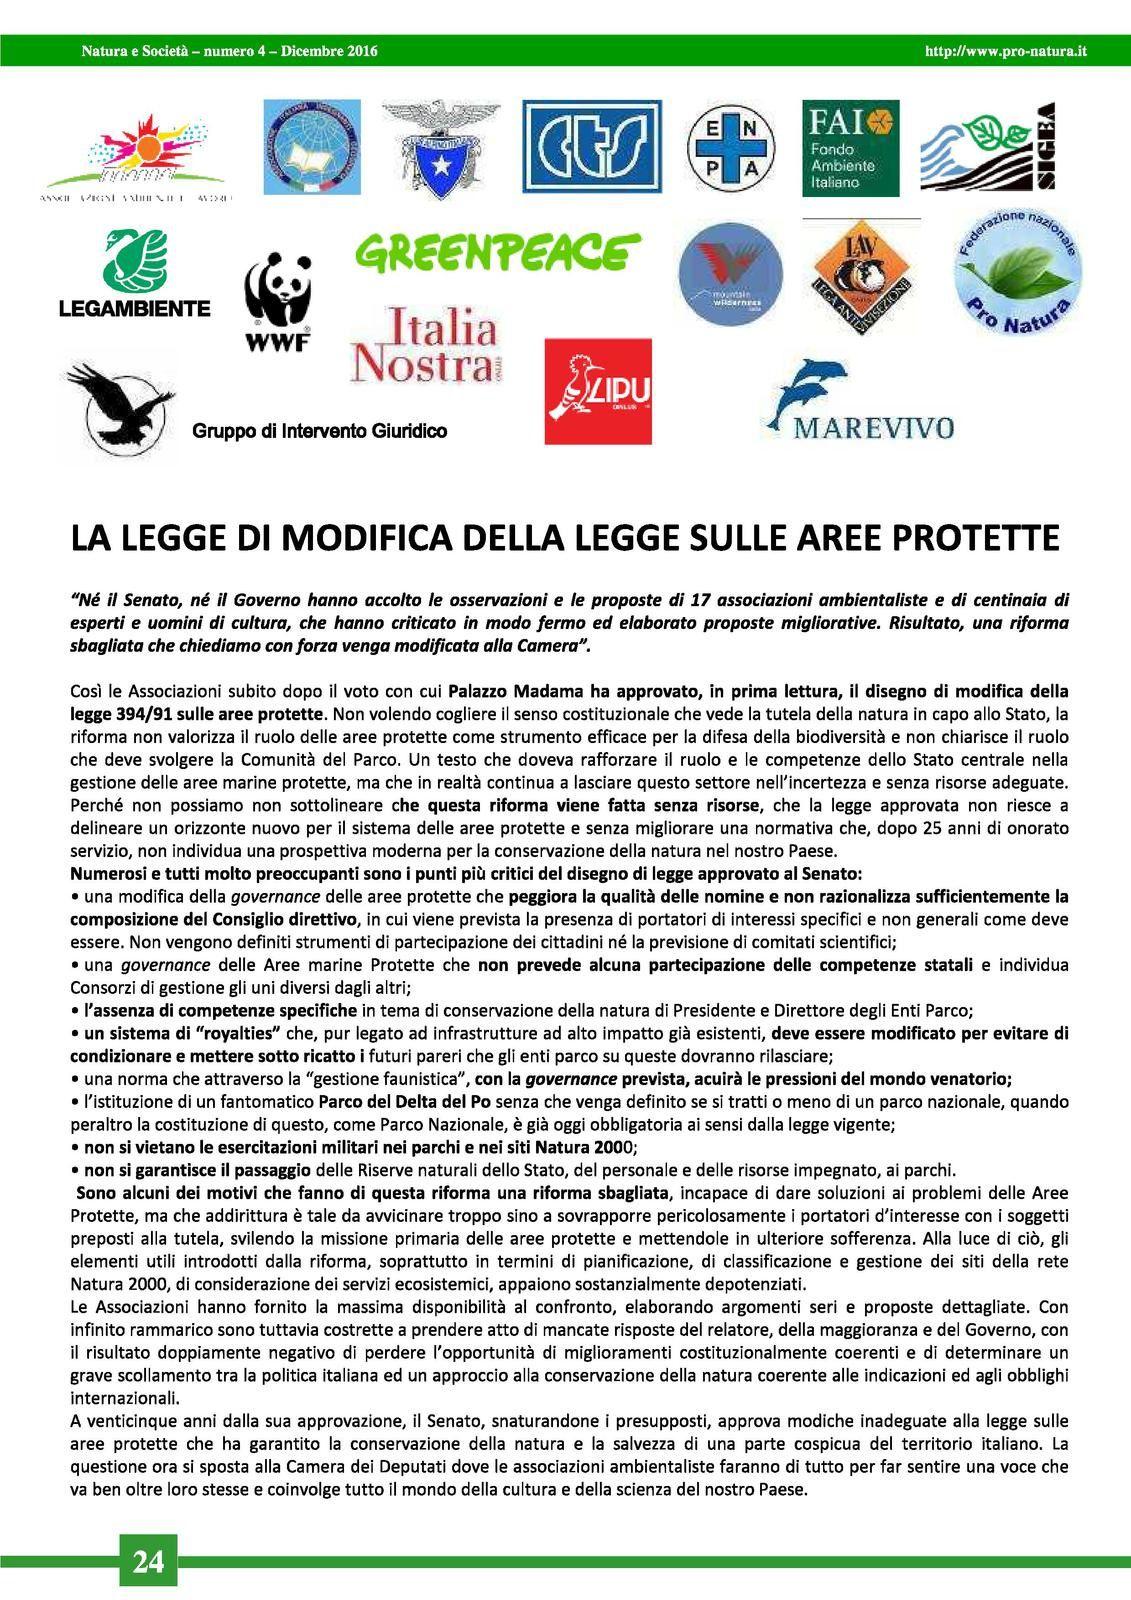 articolo/comunicato stampa tratto dal Notiziario Natura e Società n. 4 - dicembre 2016